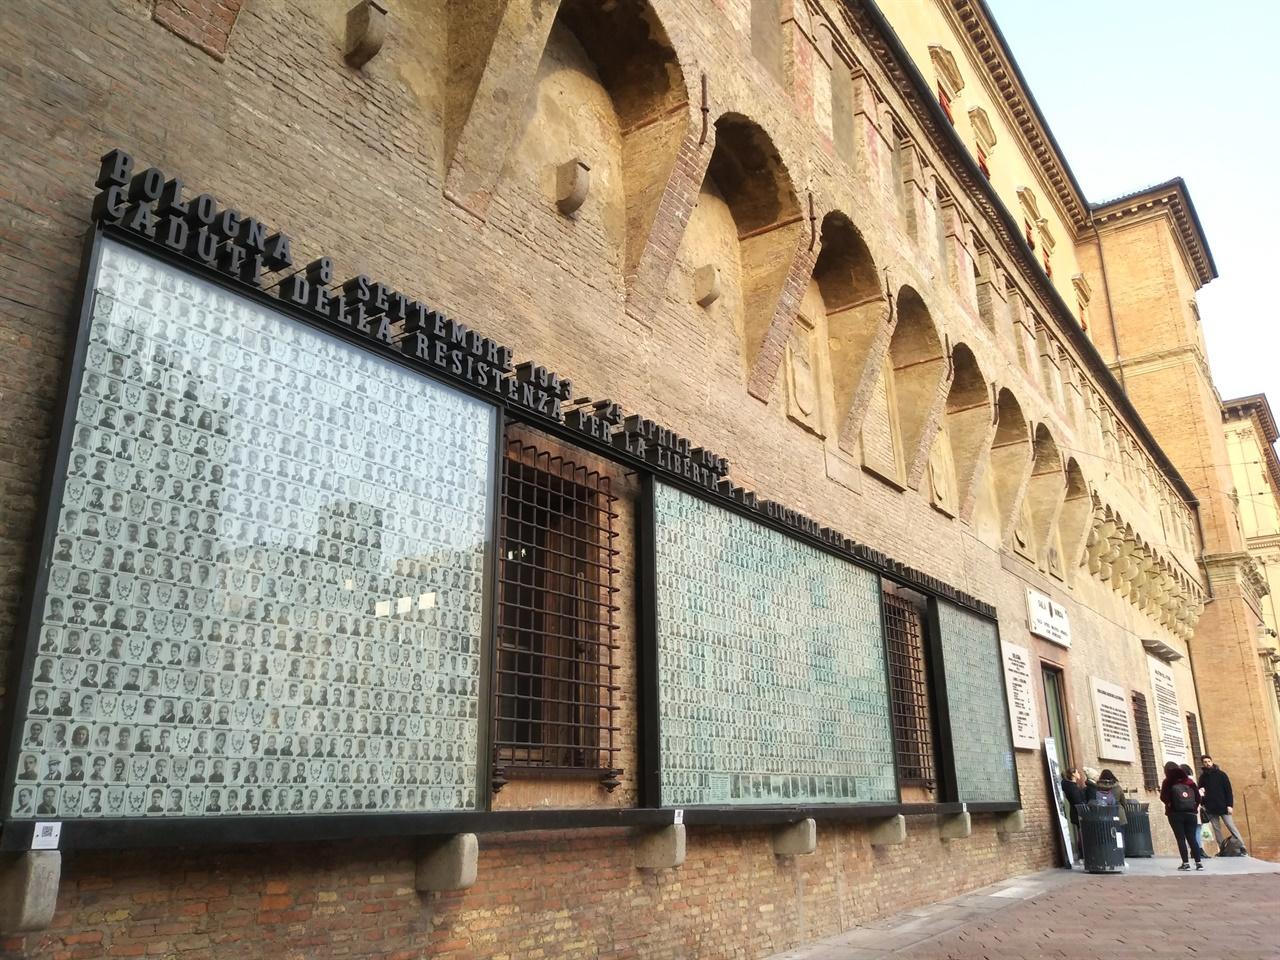 레지스탕스 추모비 제2차 세계대전 당시 희생된 레지스탕스들의 사진과 이름을 적은 추모비가 도서관 벽에 세워져 있다.